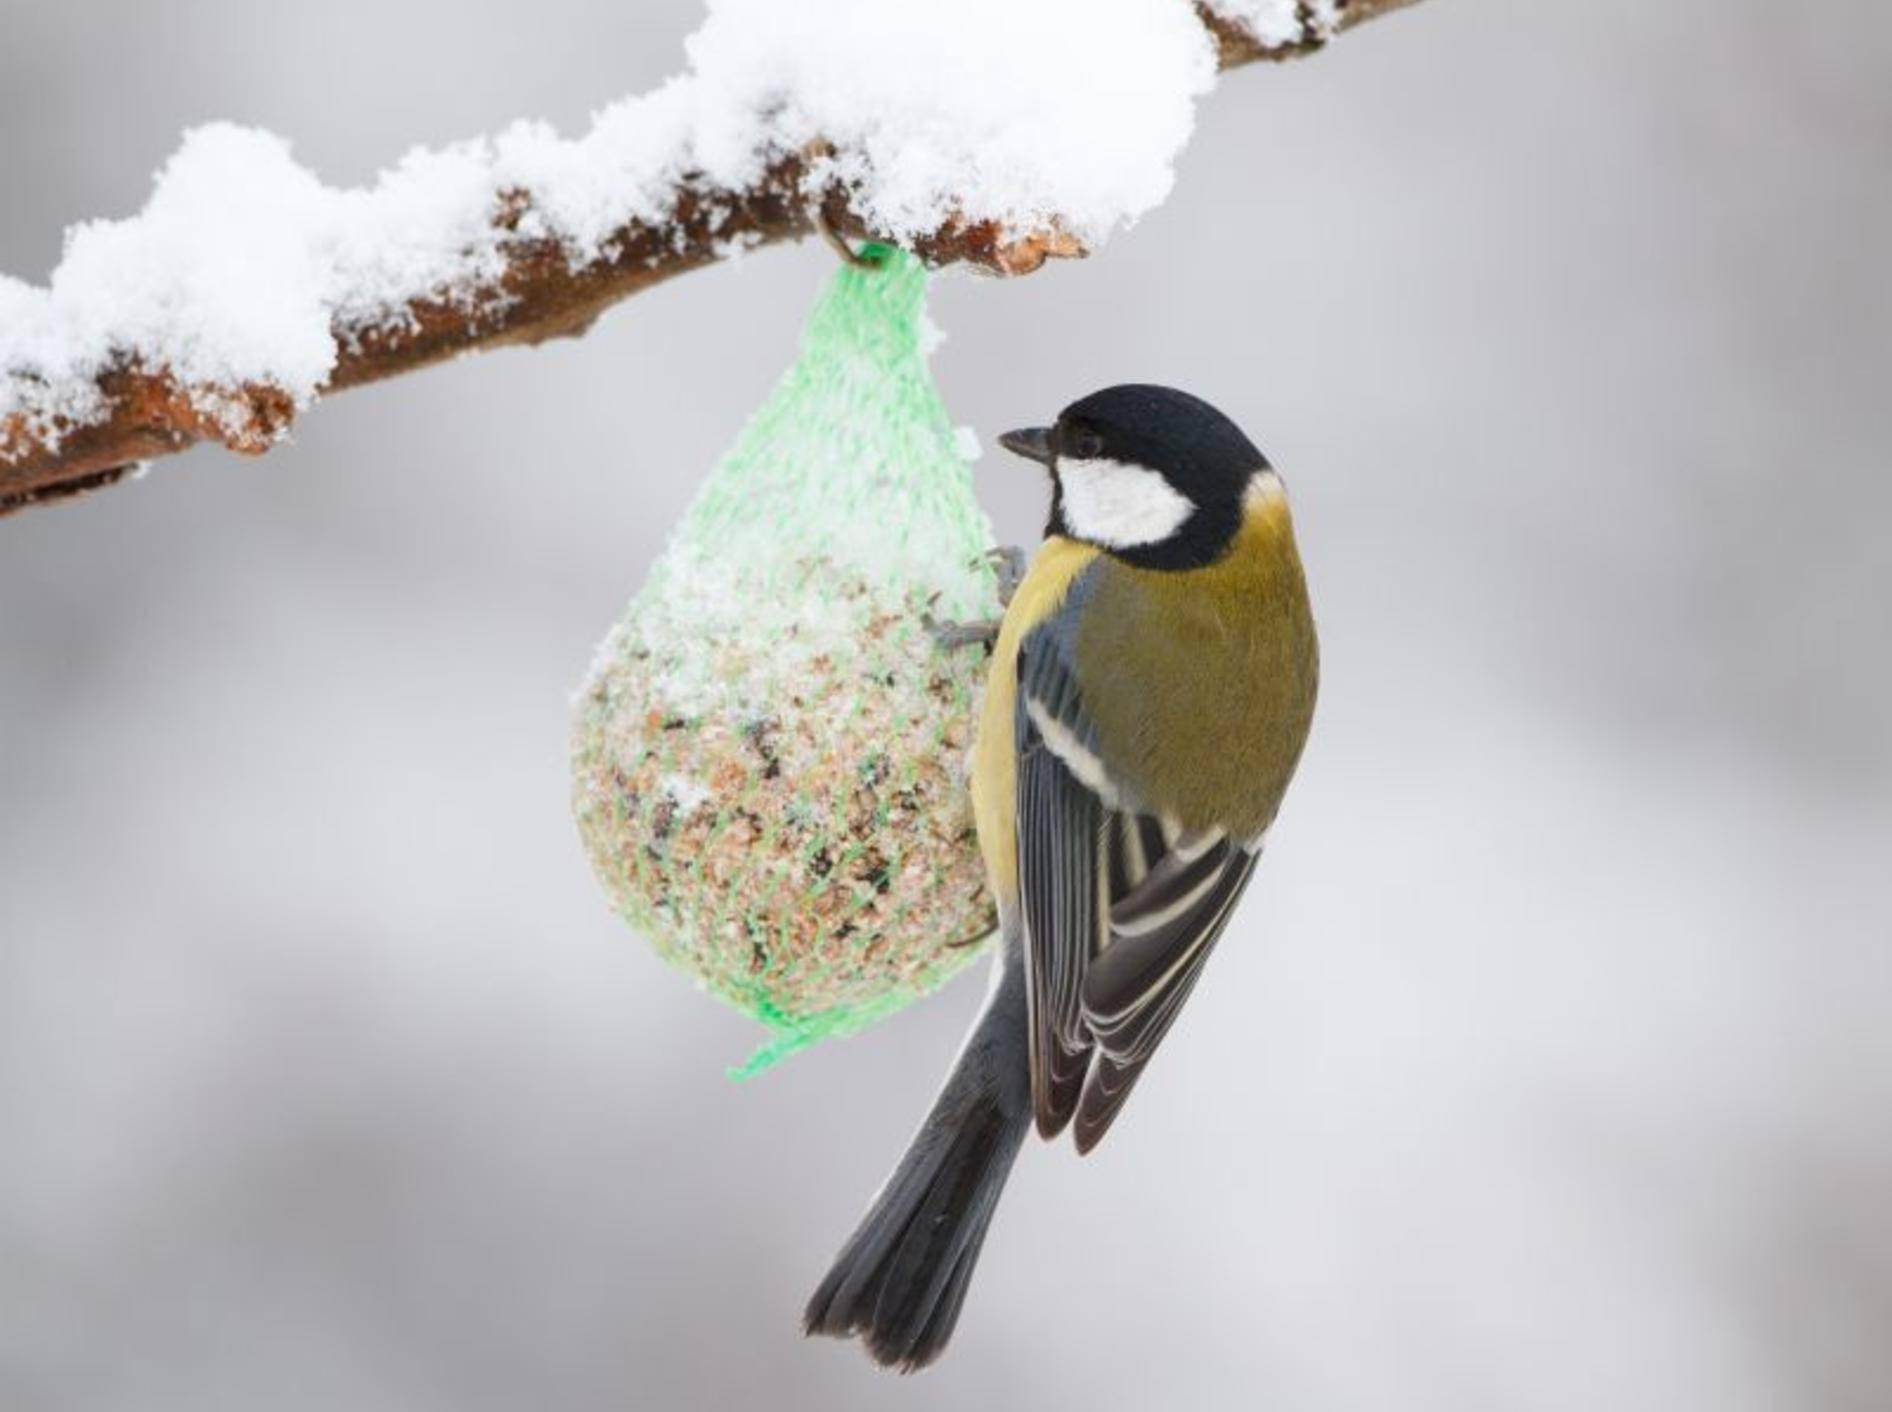 Nicht vergessen: Vogelfutter für den Winter – Bild: Shutterstock / wim claes